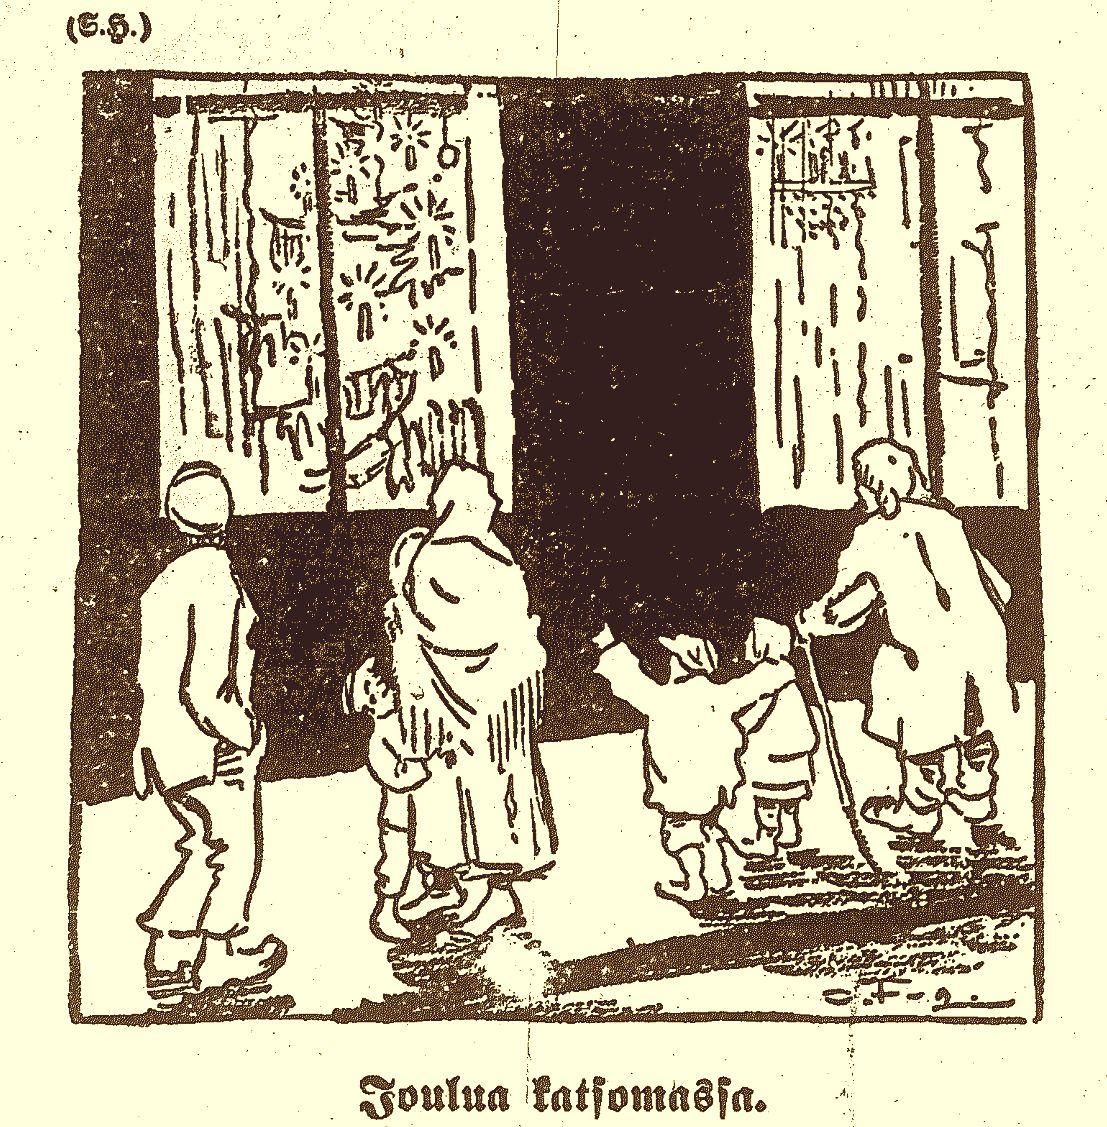 Ola Fogelholmin piirros Työmiehessä 23.12.1916.